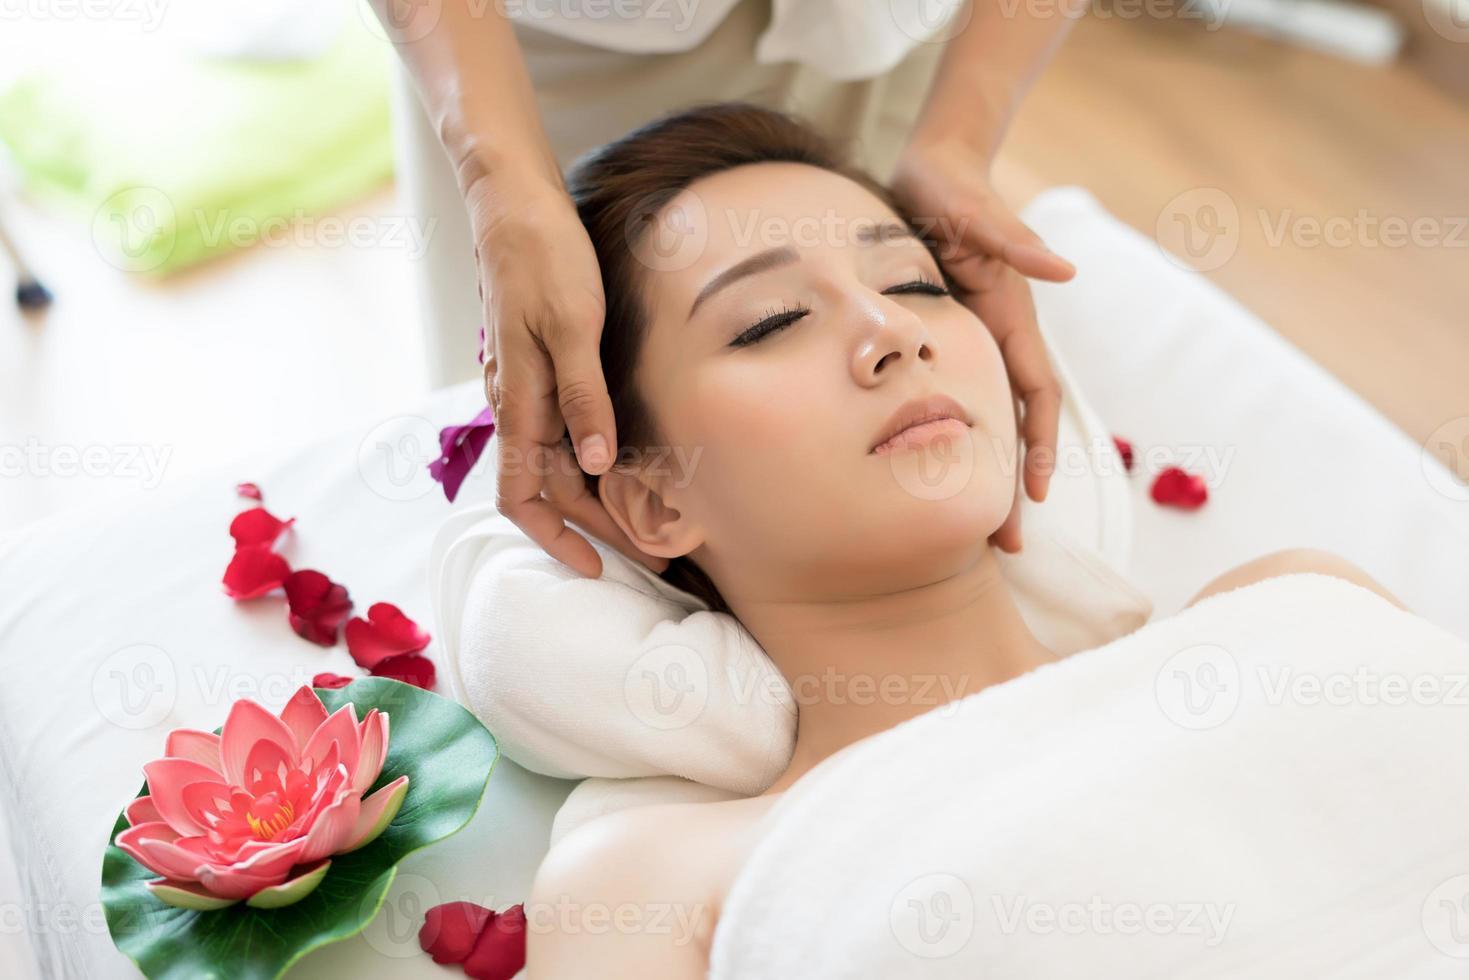 massagem terapêutica oriental tradicional e tratamentos de beleza foto